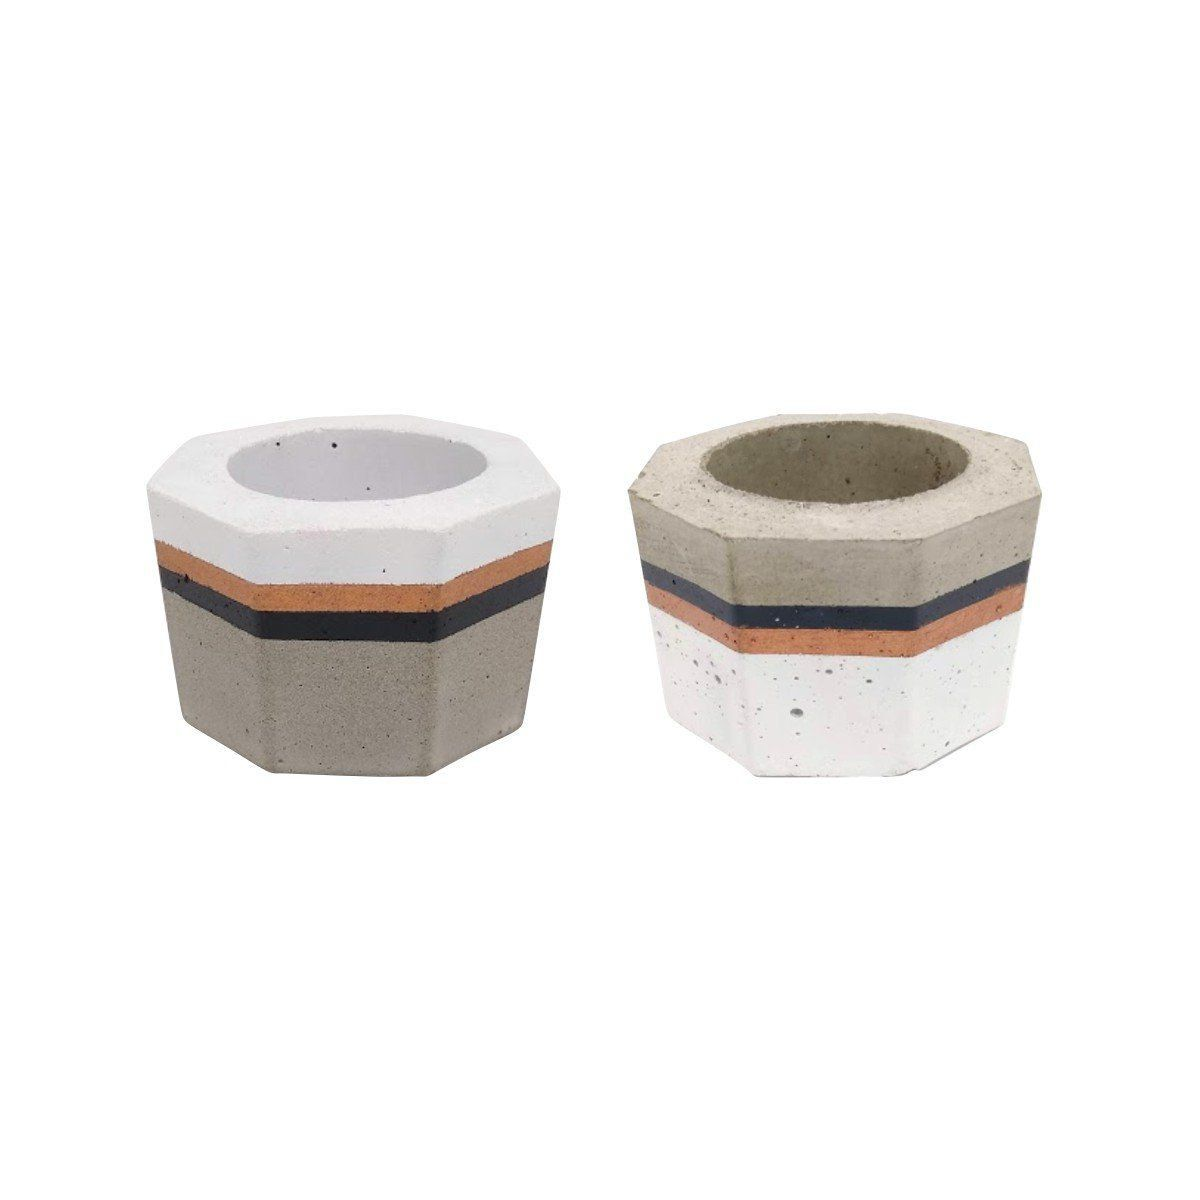 Kit 2 vasos de cimento 5cm x 8cm MD1313PCBBCP